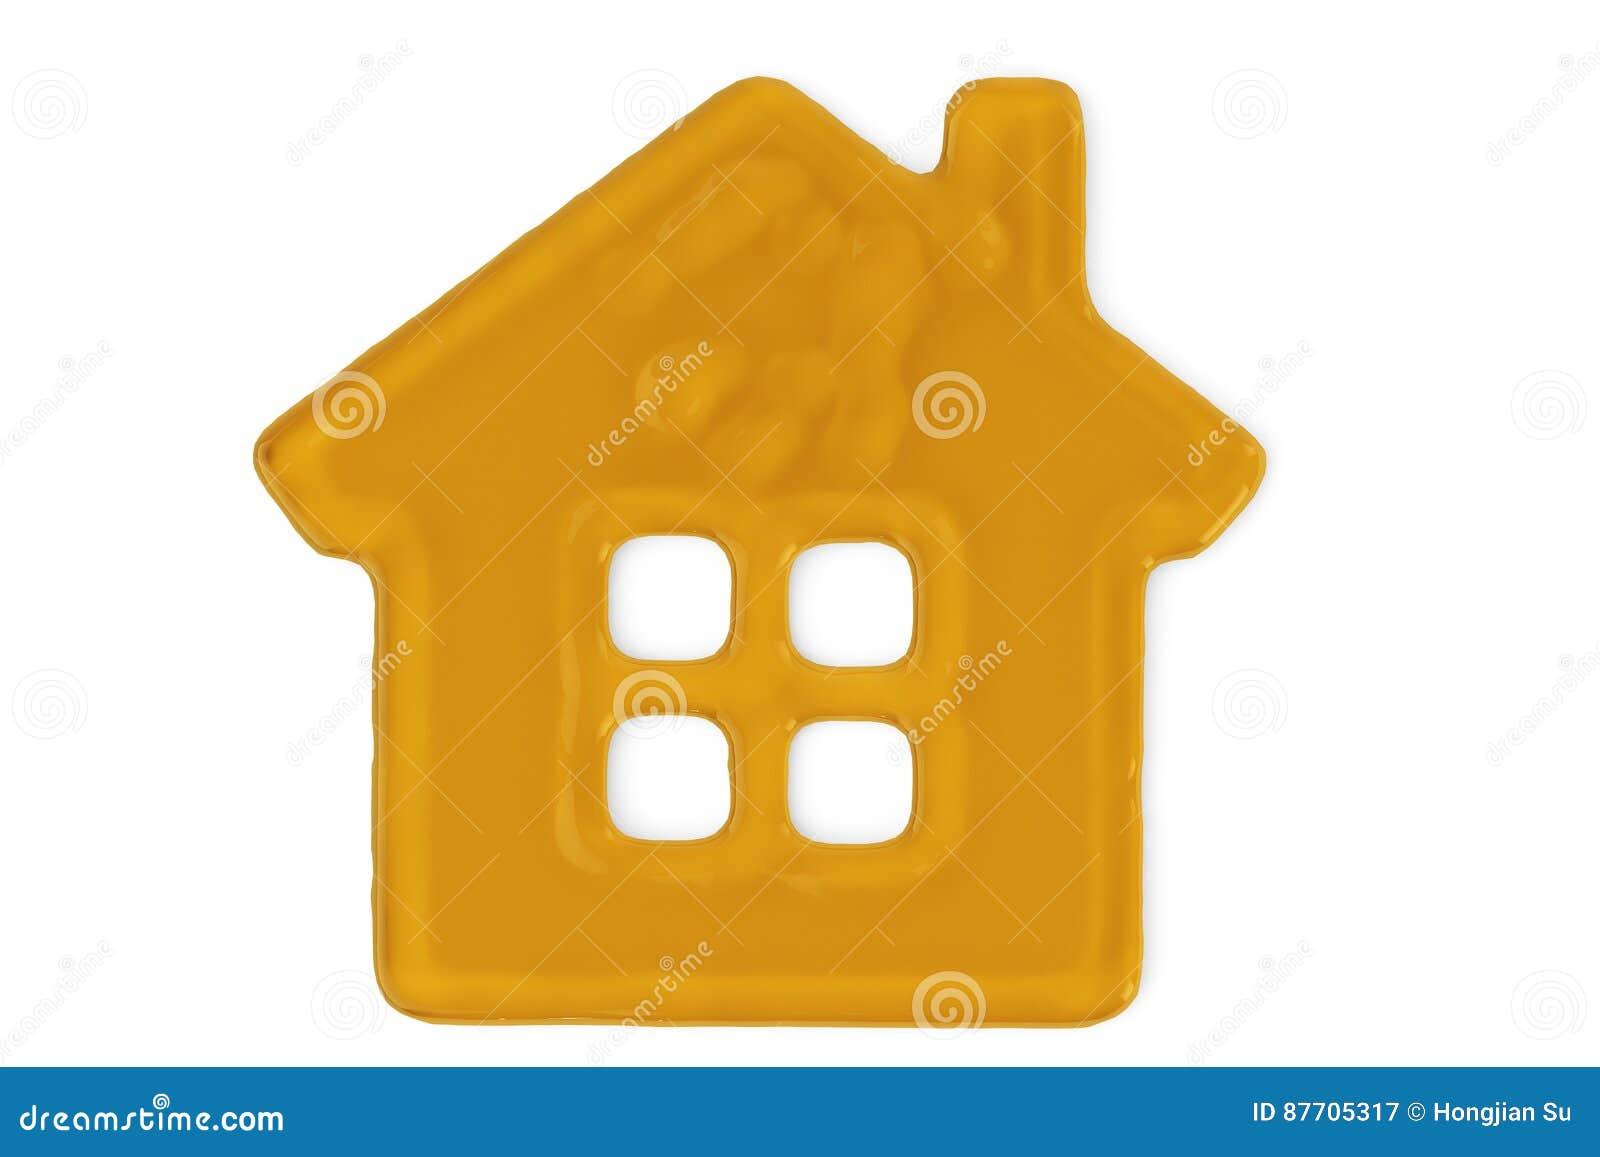 Un signe de symbole de maison de miel illustration 3D